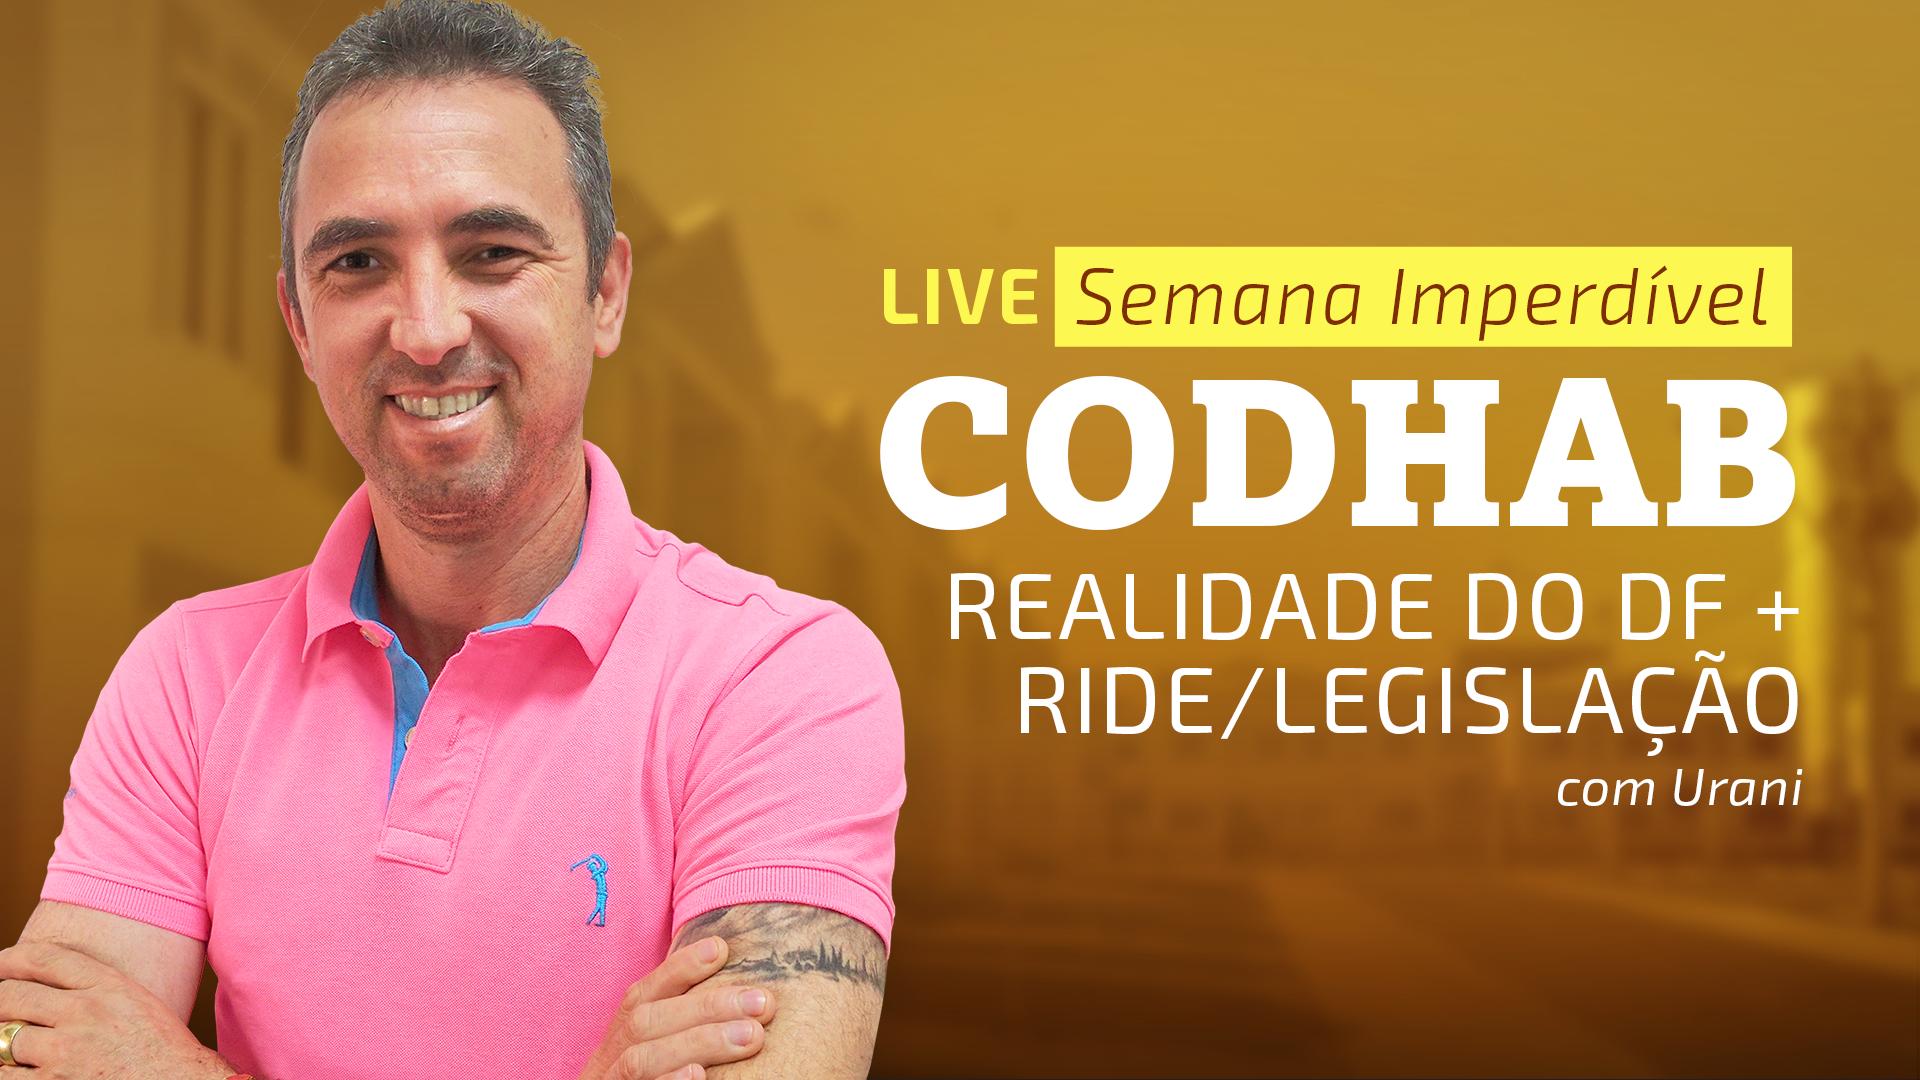 Semana Imperdível CODHAB - Realidade do DF + RIDE/ Legislação